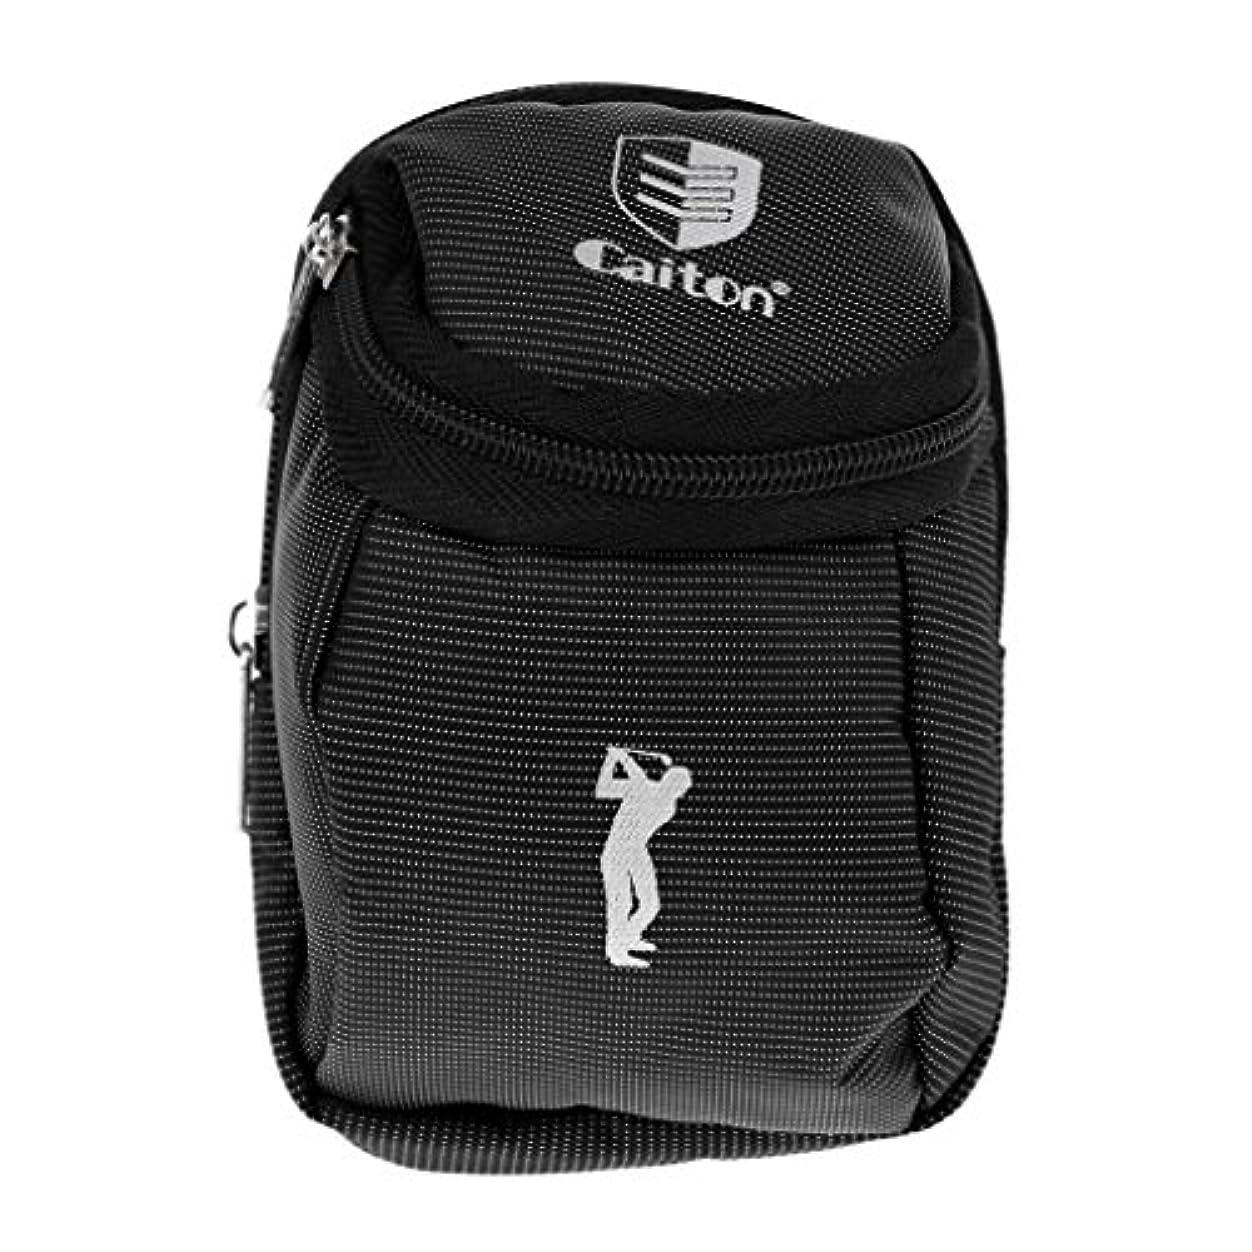 ミネラル下着合体ゴルフ ゴルフボール ボールケース ボール収納バッグ ボールバッグ 軽量 耐久性 携帯便利